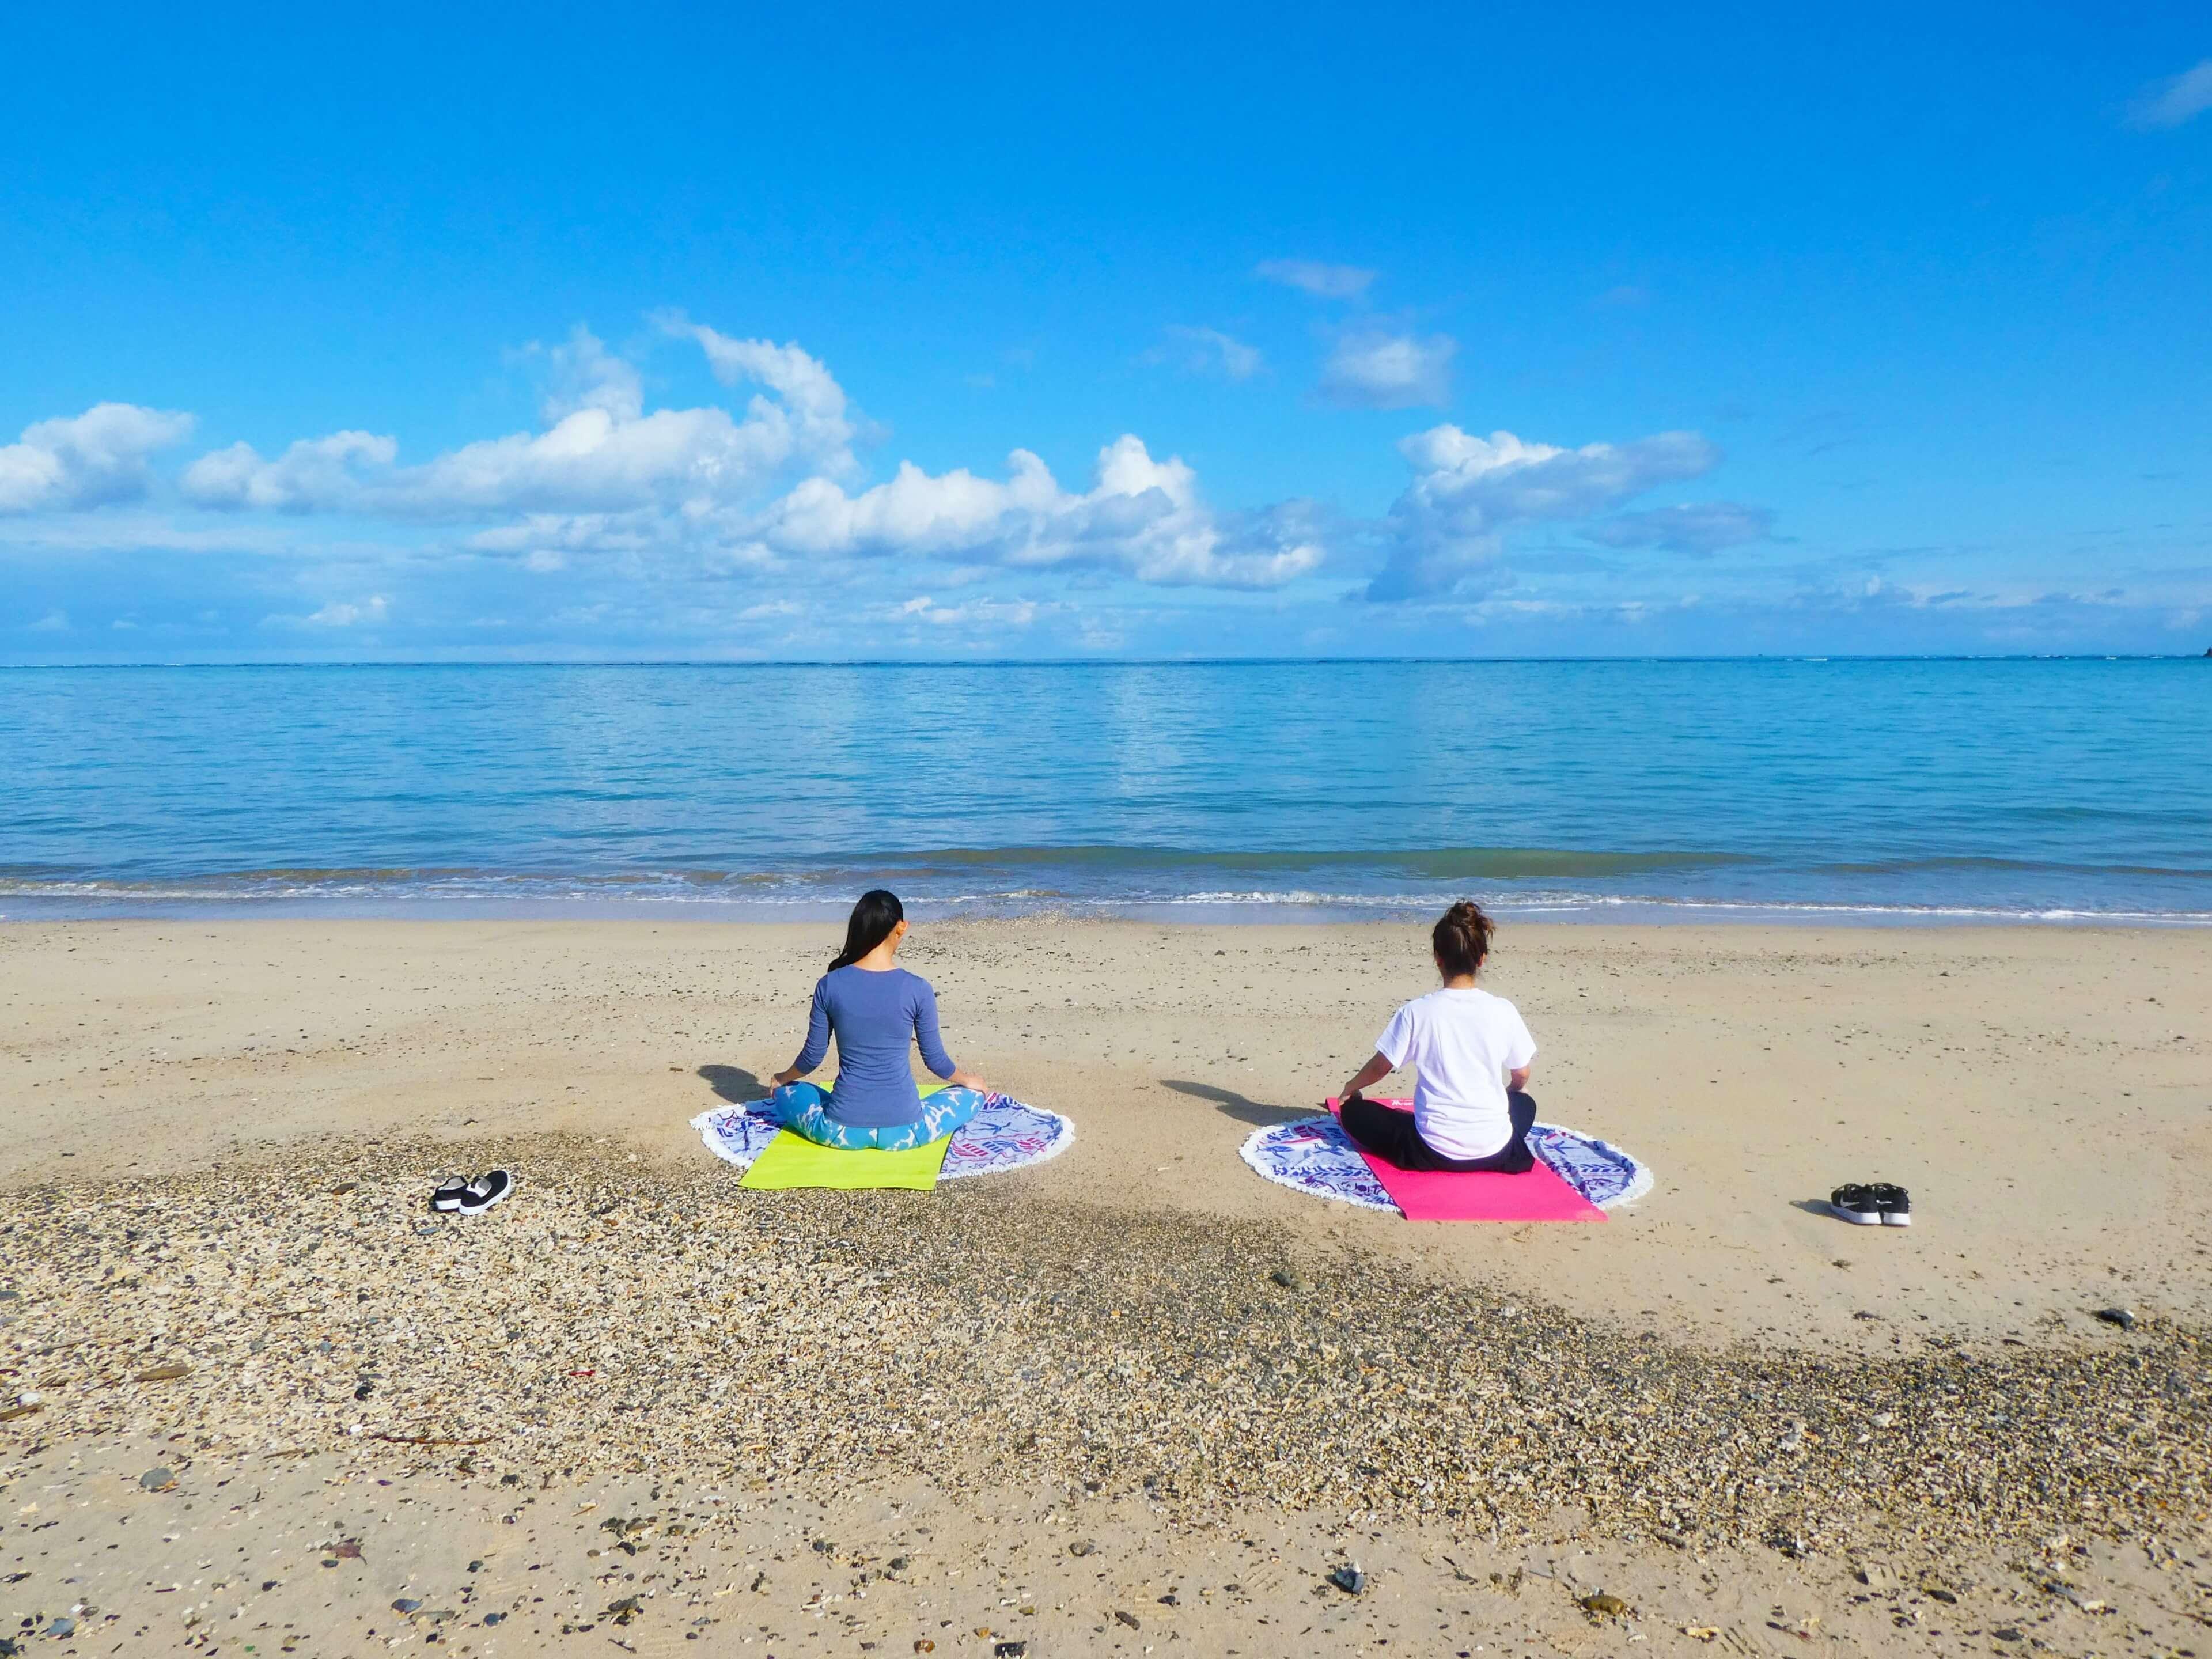 奄美大島の砂浜で島ヨガ体験